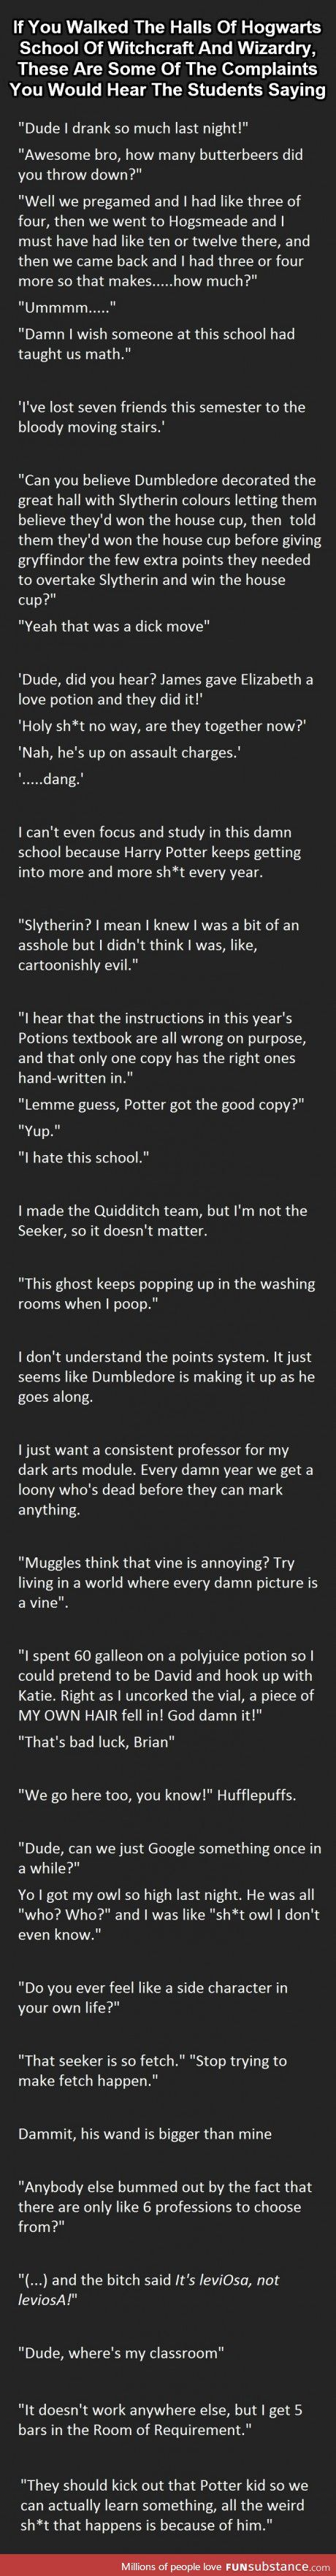 Things you'd hear at Hogwarts